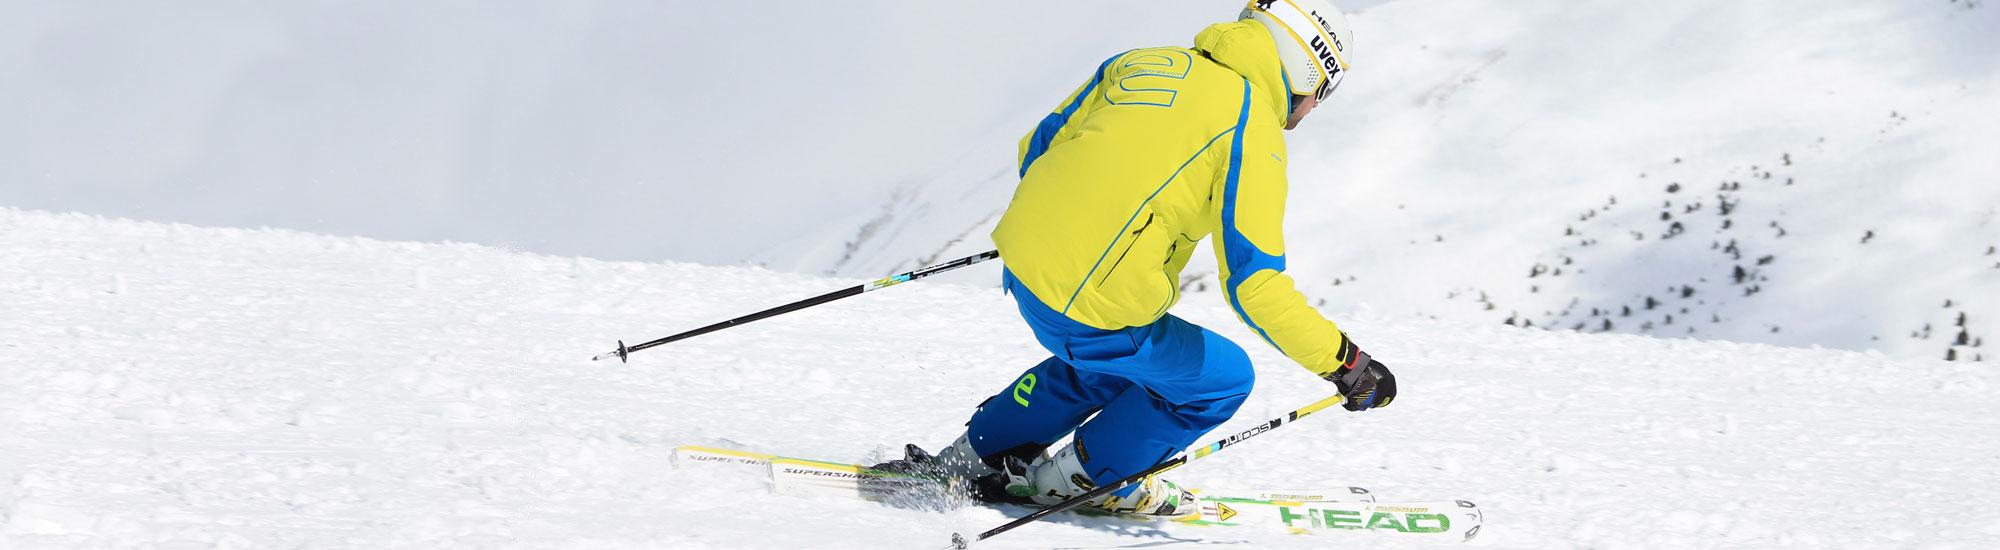 esqui, snowboard, viajes, españa, estaciones